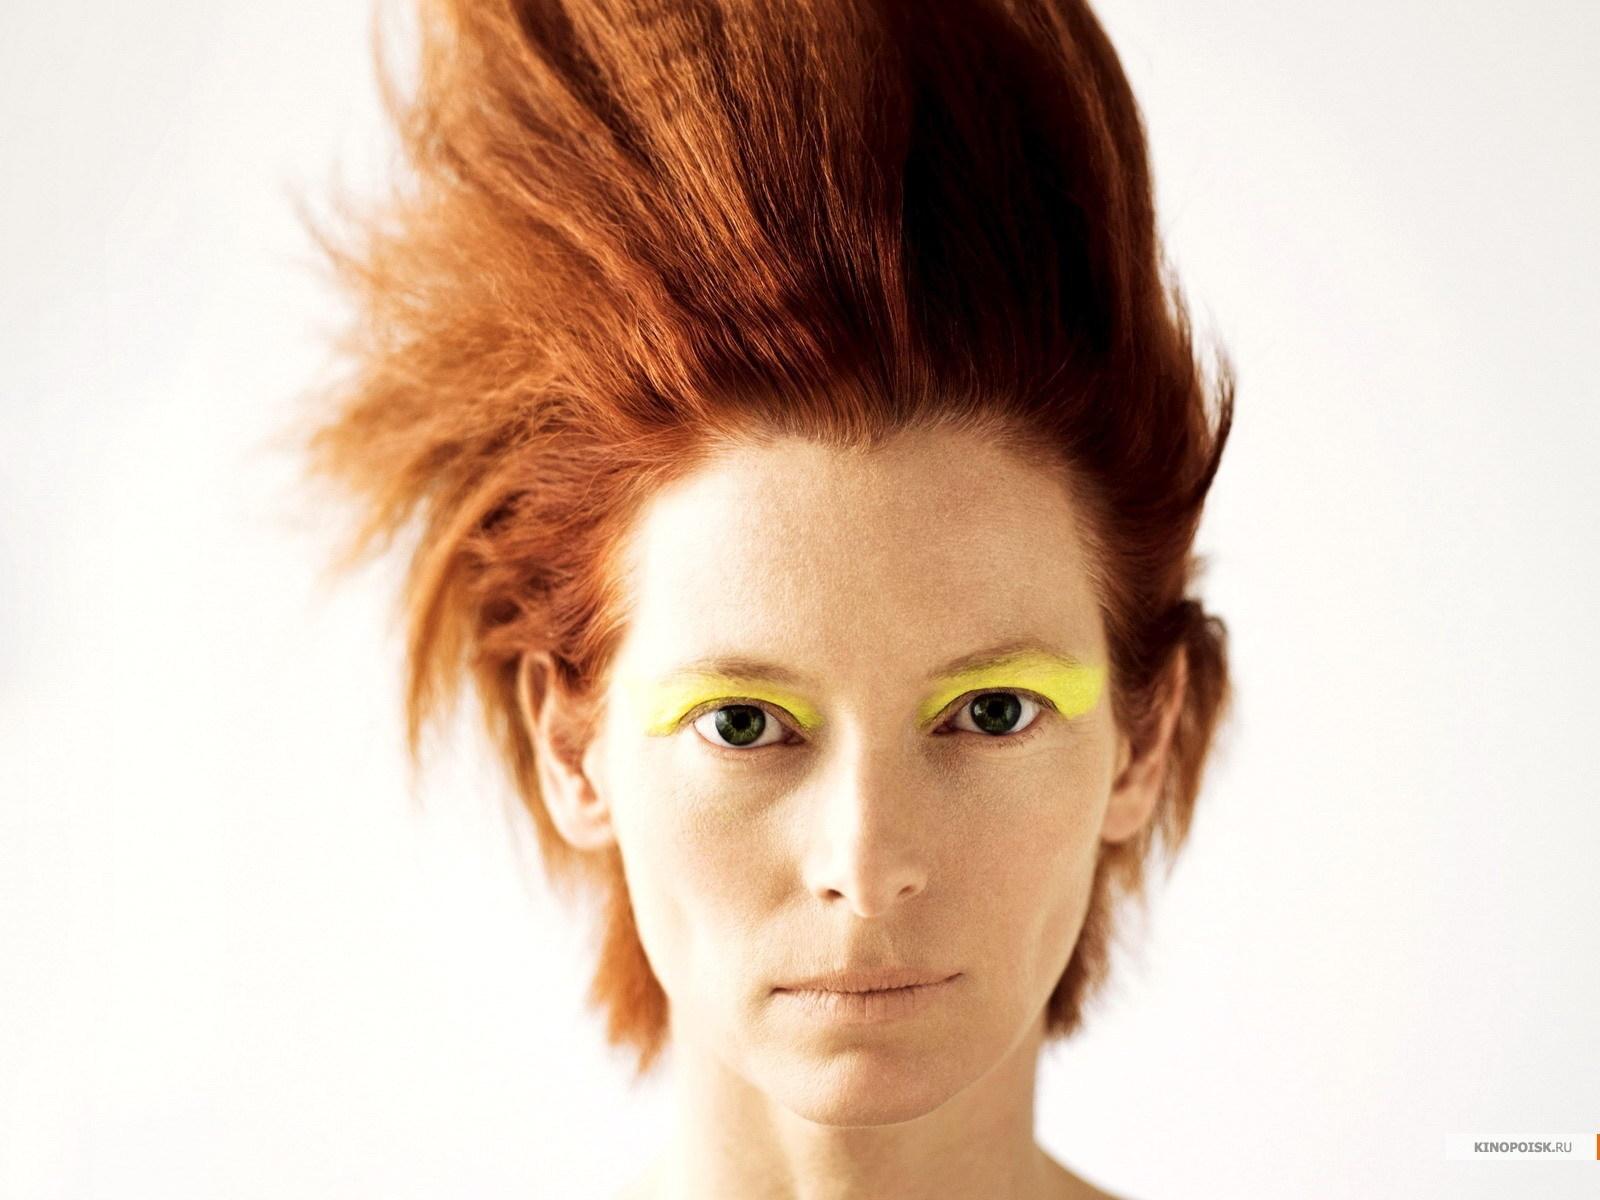 Tilda Swinton via fanpop.com